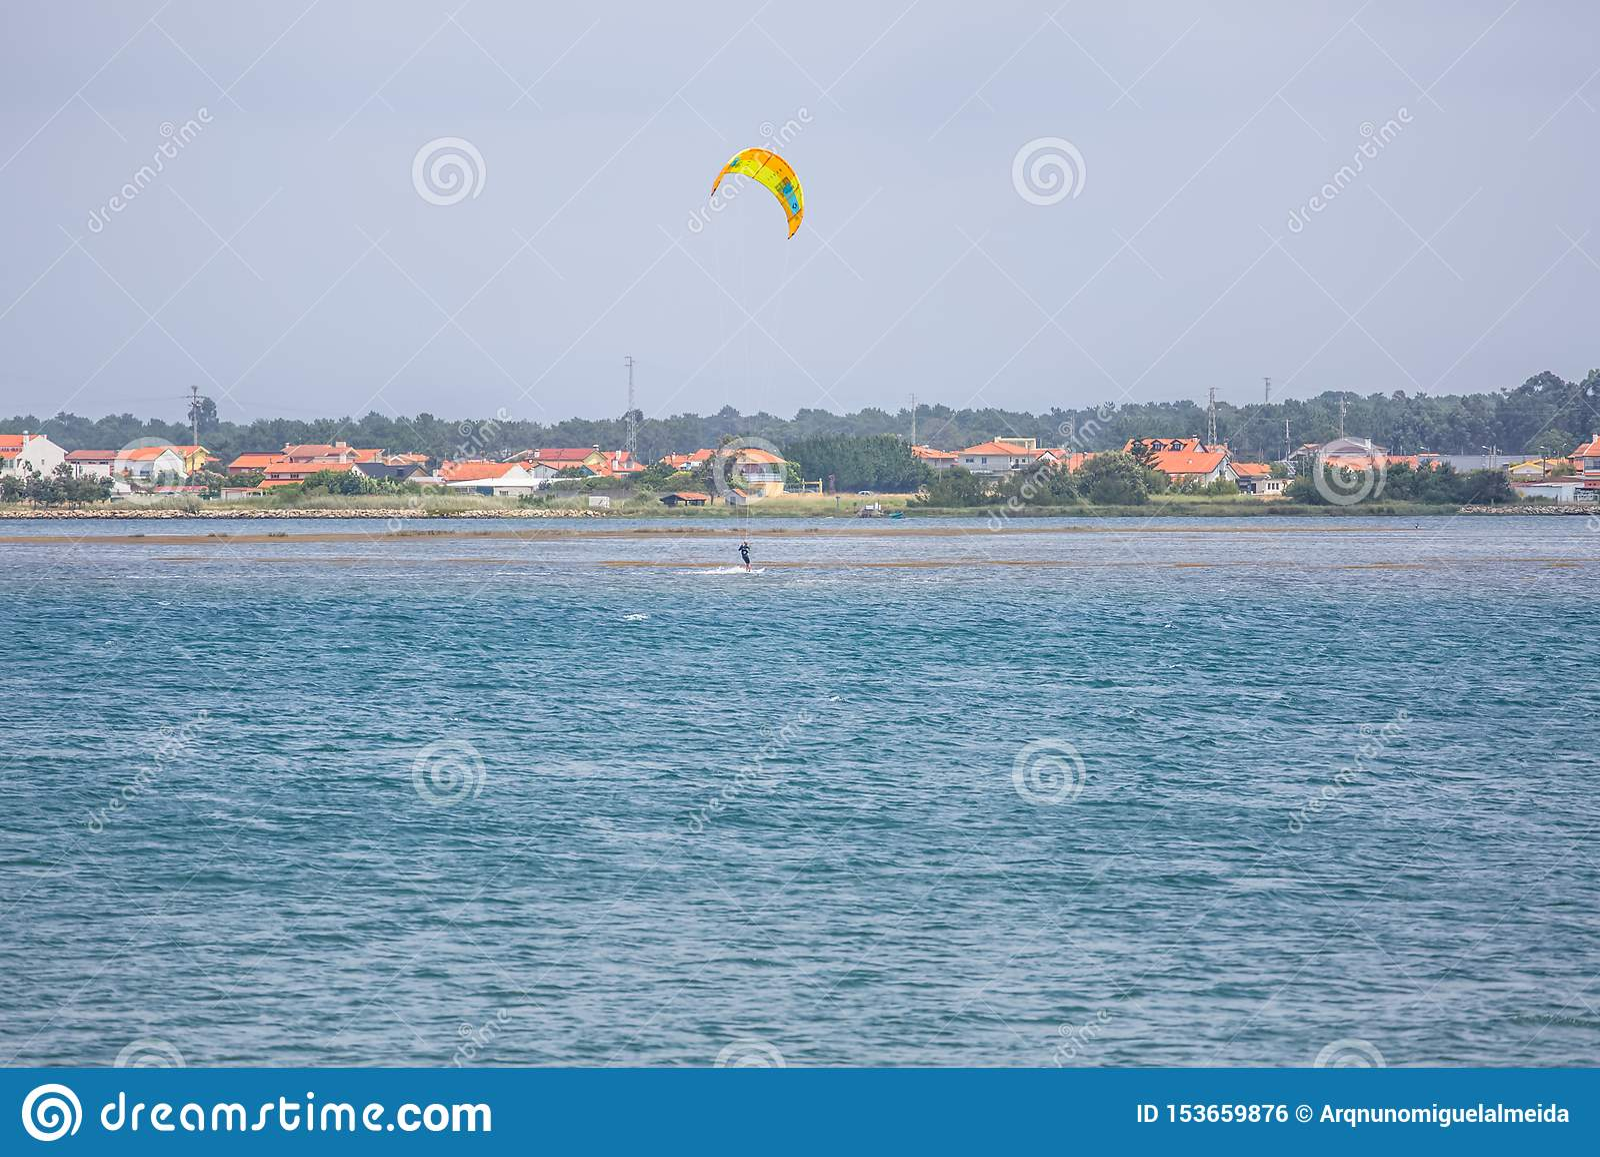 Άποψη αθλητισμού ενός του επαγγελματικού ανδρικού kitesurf που ασκεί τον ακραίο αθλητισμό Kiteboarding